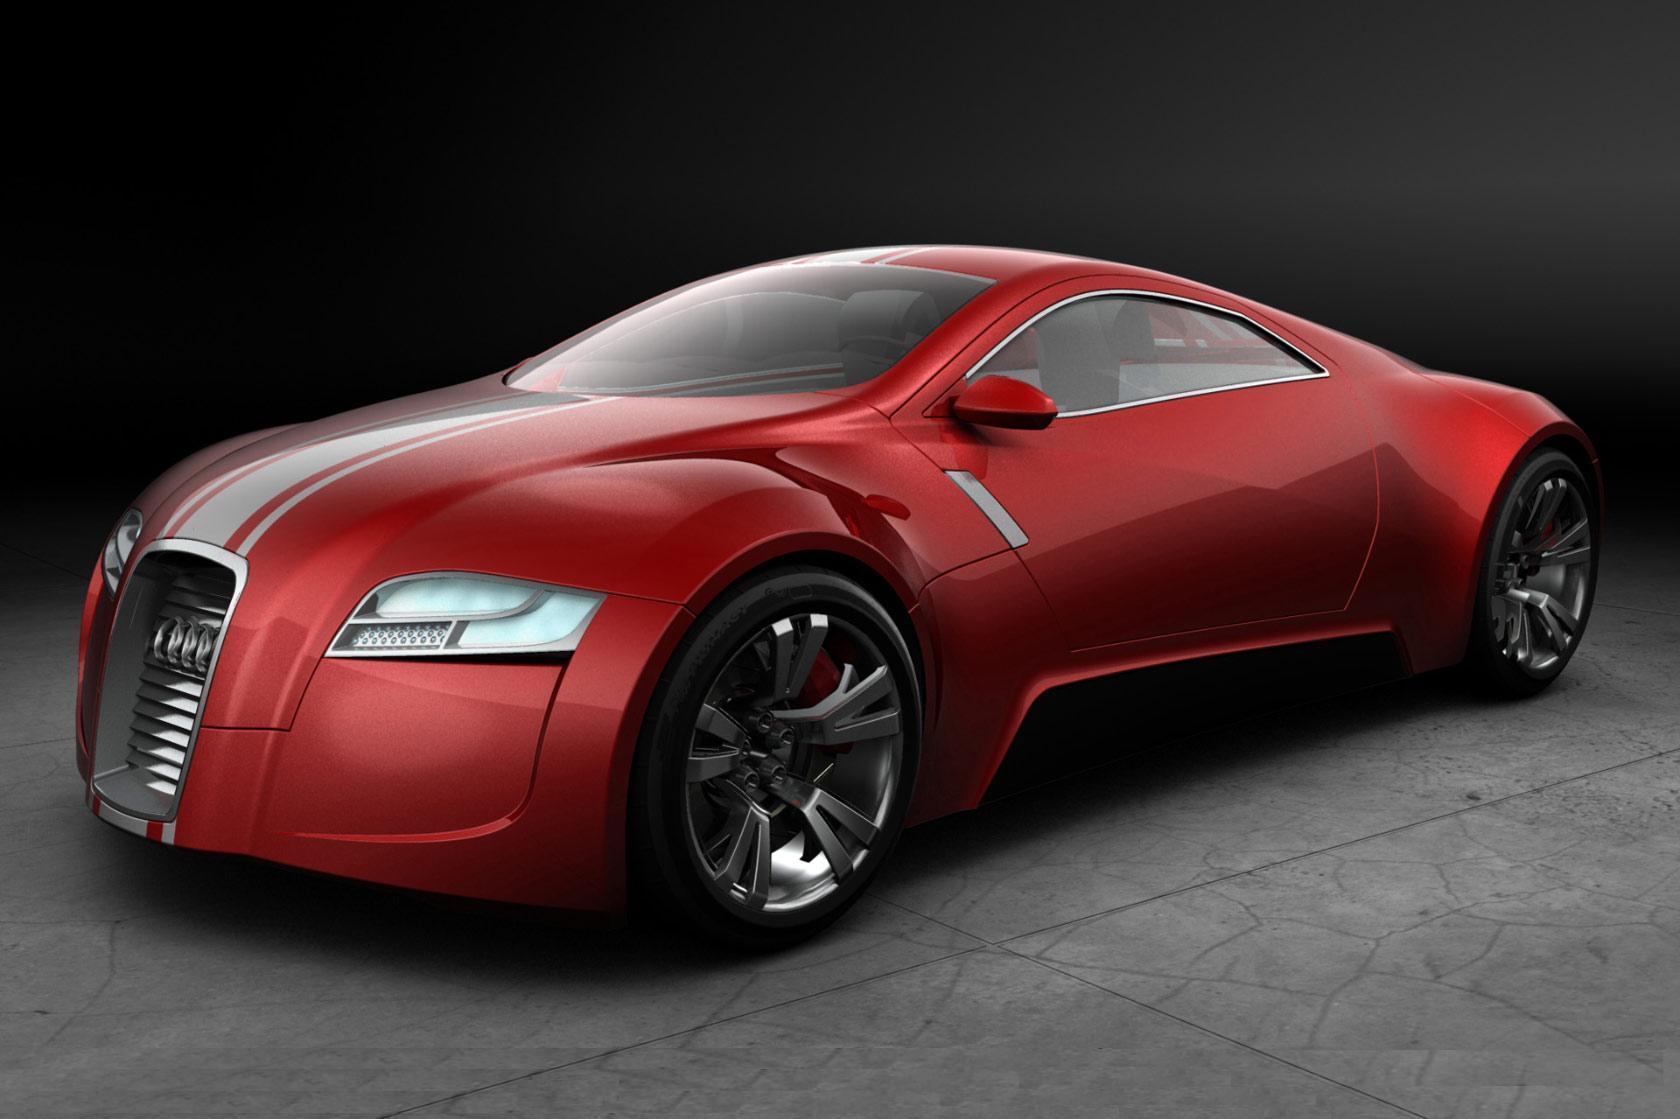 11279 скачать обои Транспорт, Машины, Ауди (Audi) - заставки и картинки бесплатно